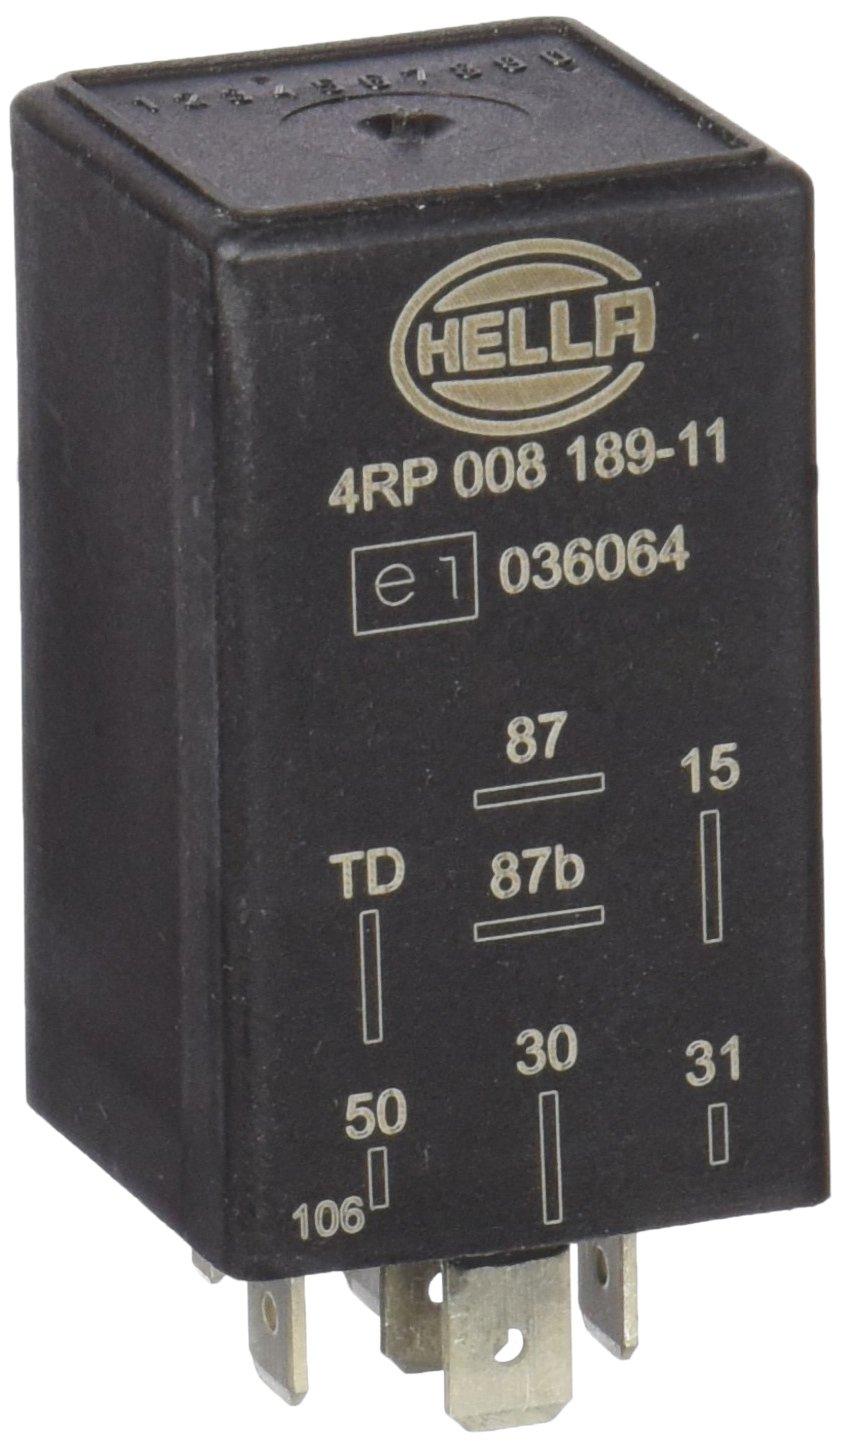 HELLA 4RP 008 189-111 Relais pompe /à carburant 12V